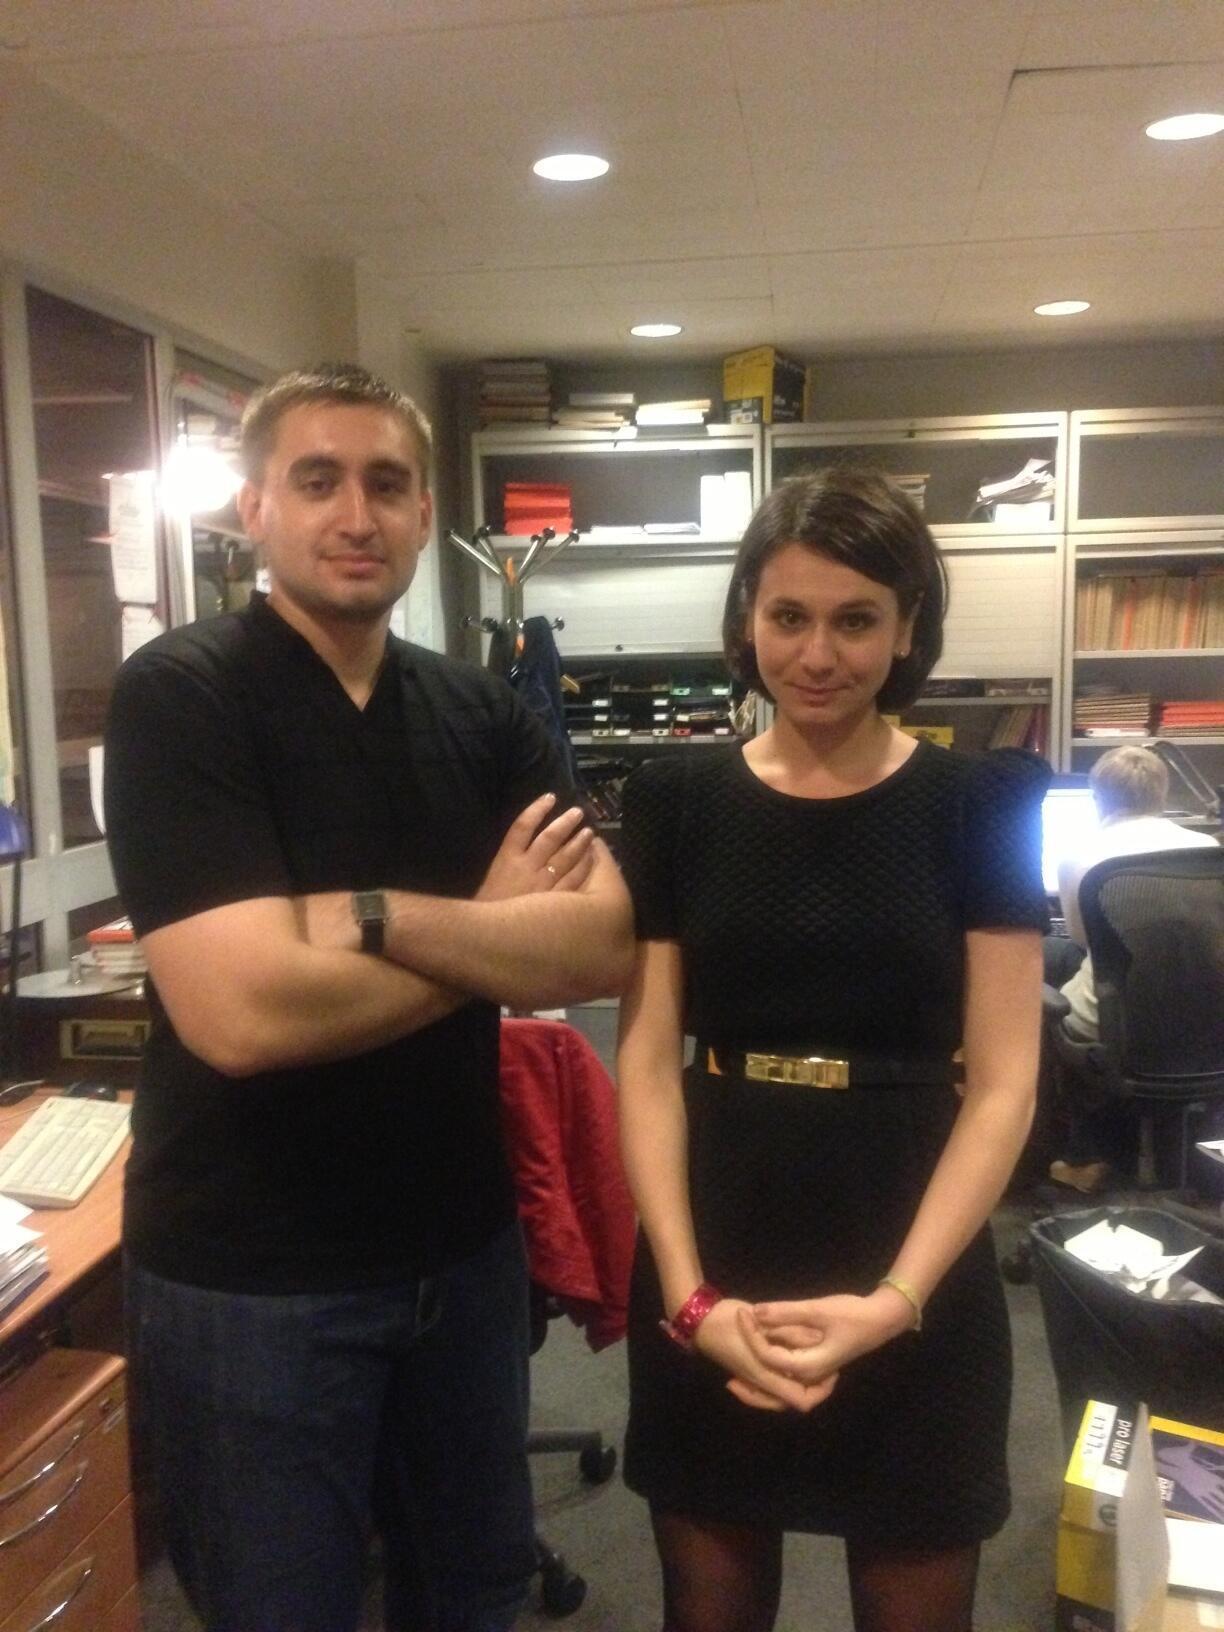 Сергей Бабинец, Сводная мобильная группа и Елена Серветтаз (RFI), Париж 8 октября 2012